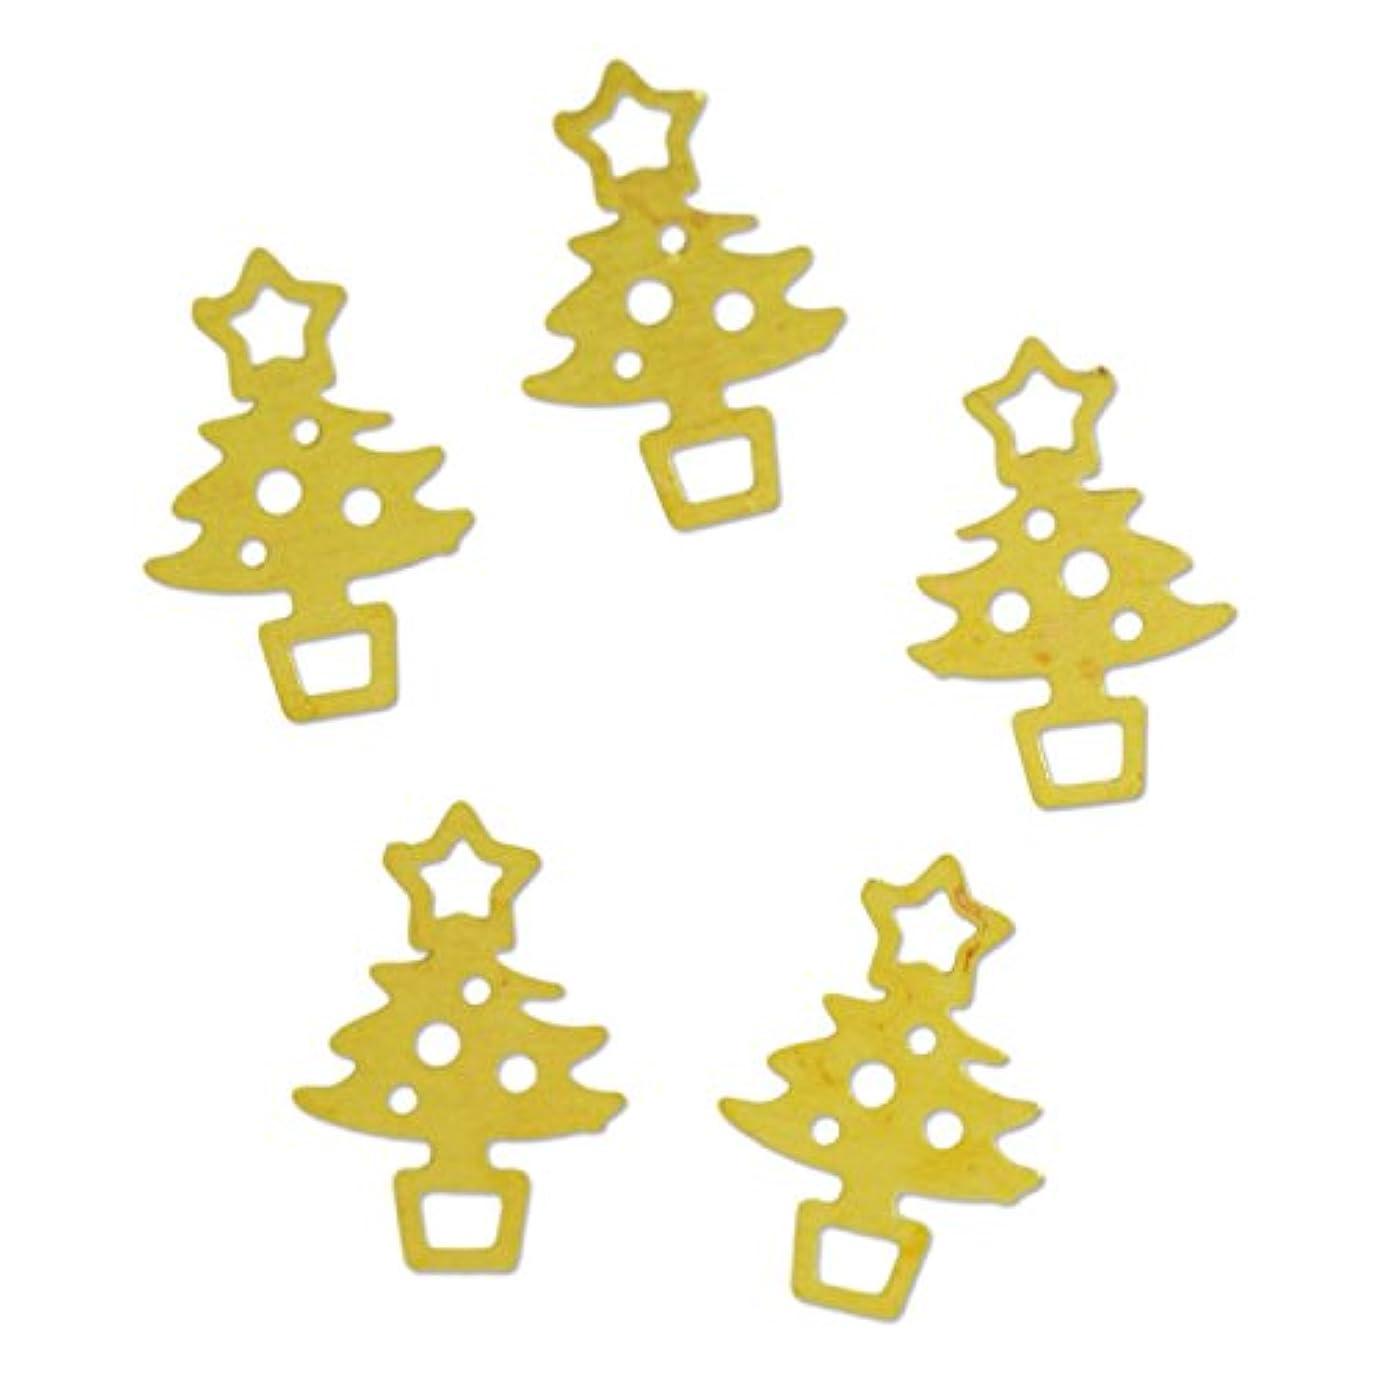 戦闘タヒチ半ば薄型メタルパーツ10041 クリスマスツリー christmas treeS 4×6mm ゴールド 20p入り